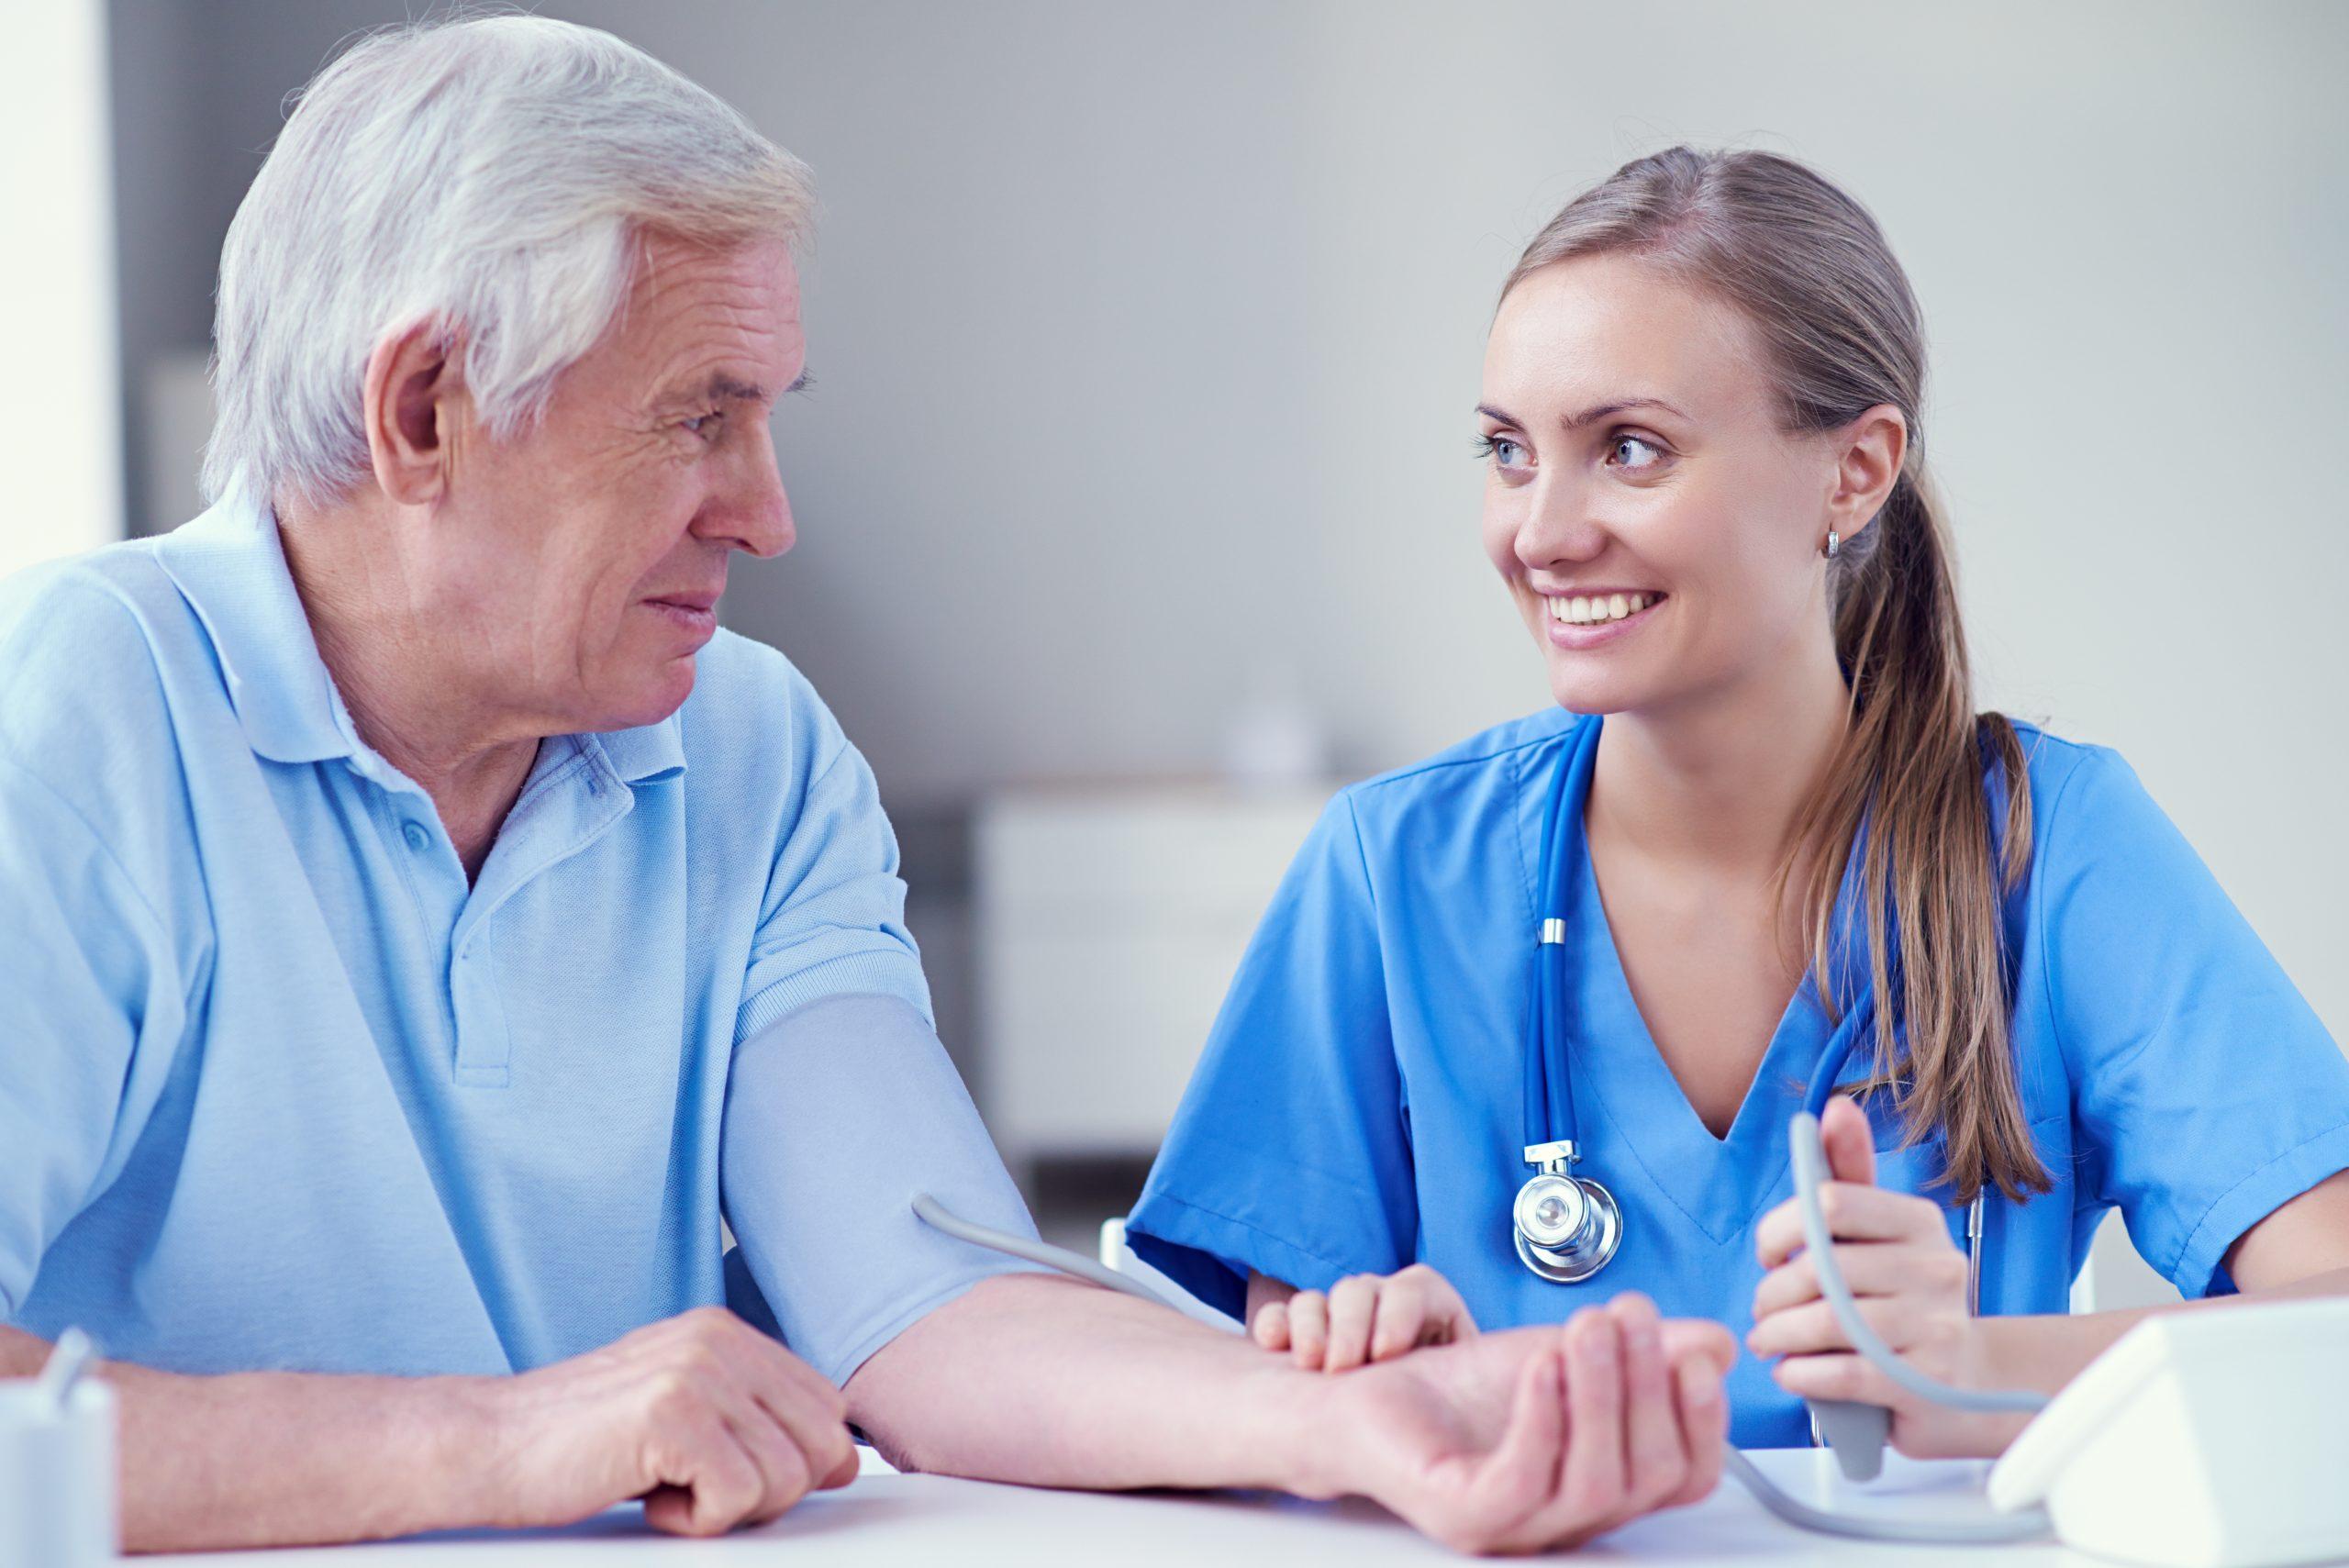 infirmière vérifiant la pression artérielle du patient senior